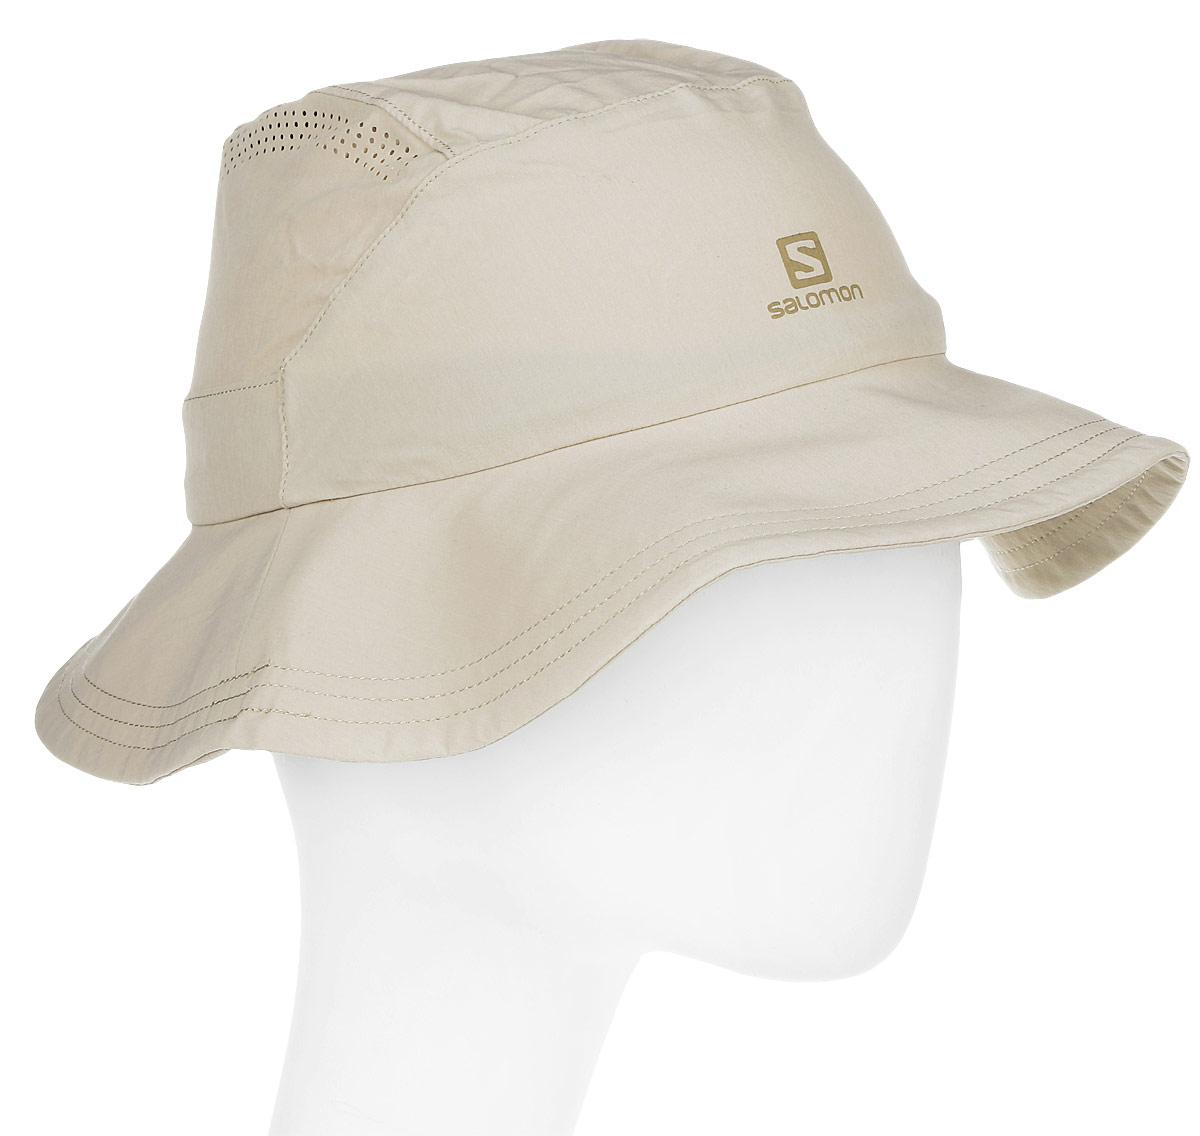 ПанамаL39326100Панама Salomon Mountain Hat, изготовленная из эластичного полиамида, защитит вас от дождя и солнца. Модель с широкими гибкими жесткими полями быстро и компактно складывается. Тулья дополнена шнурком-кулиской со стопперами. Панама имеет перфорацию сверху.